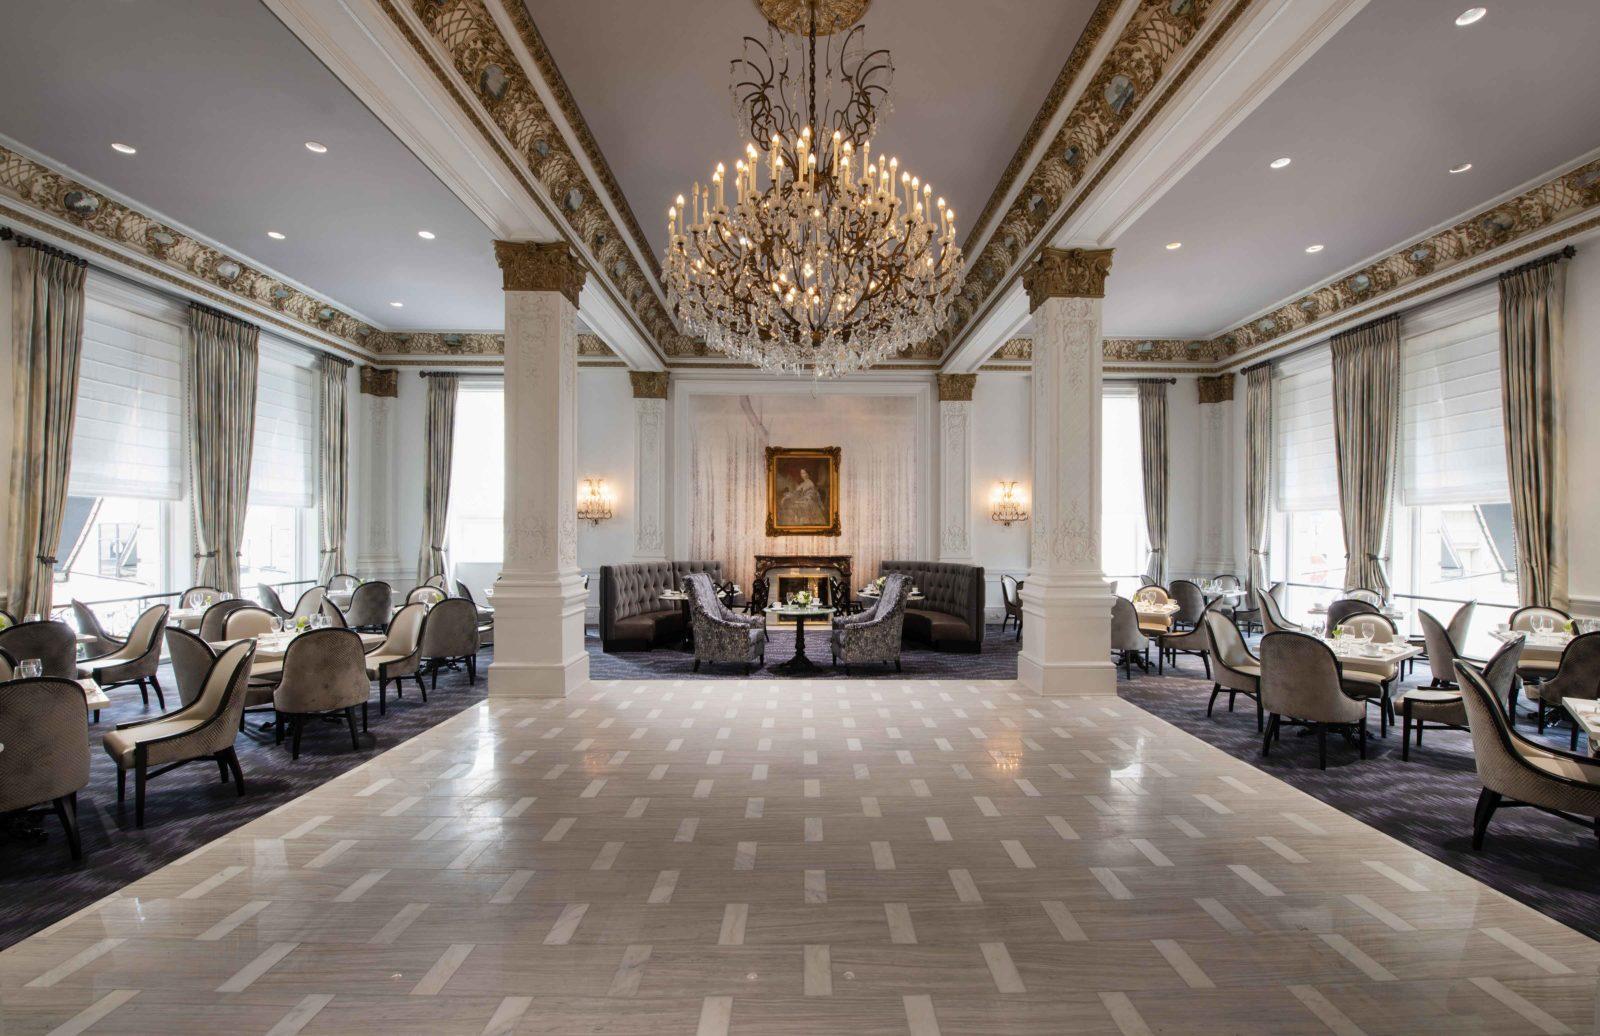 Le Pavillon New Orleans Bijoux Ballroom